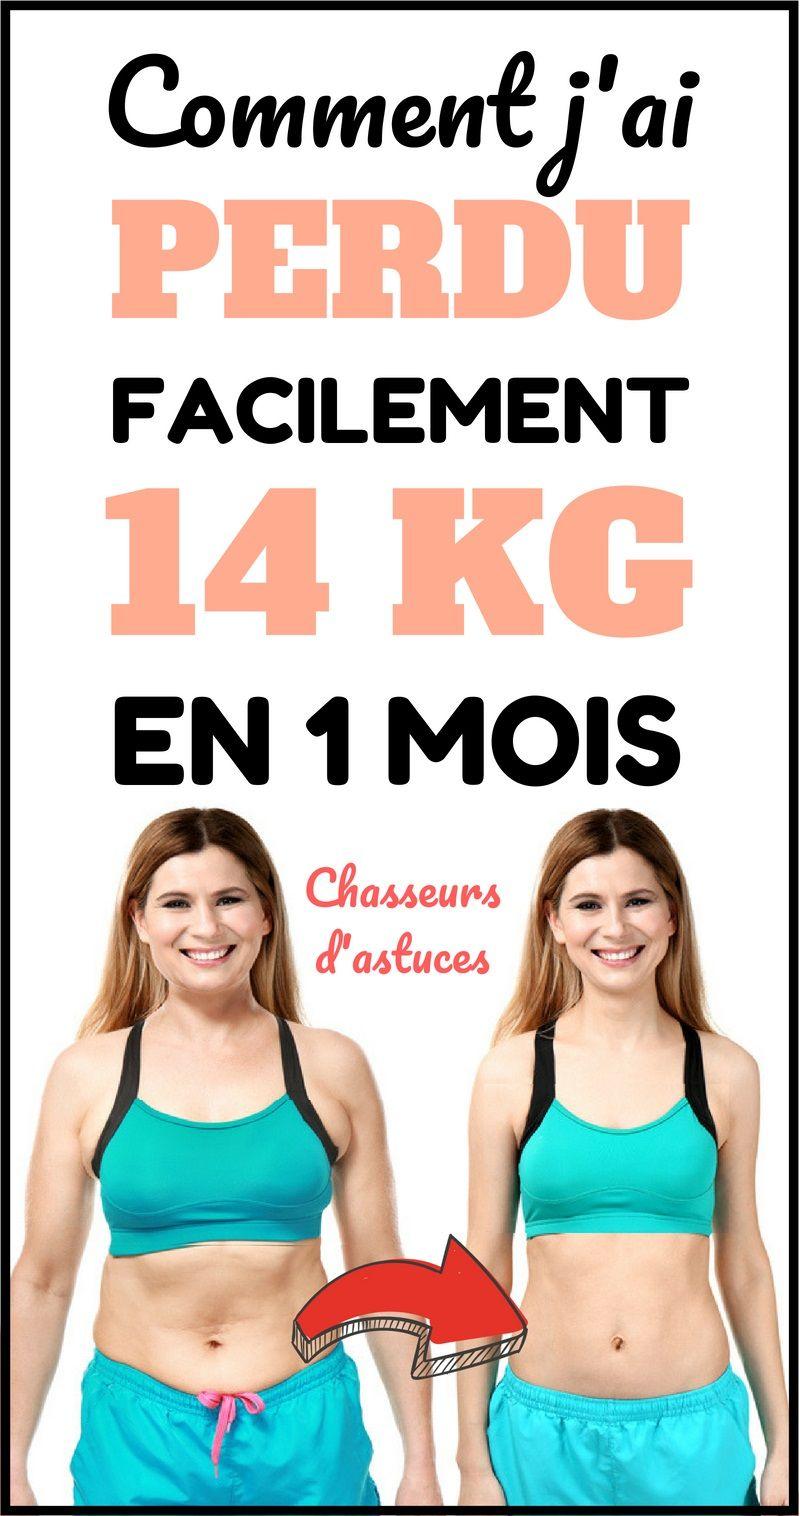 Les 13 commandements pour perdre 10 kilos (ou plus) sans les r - Top Santé